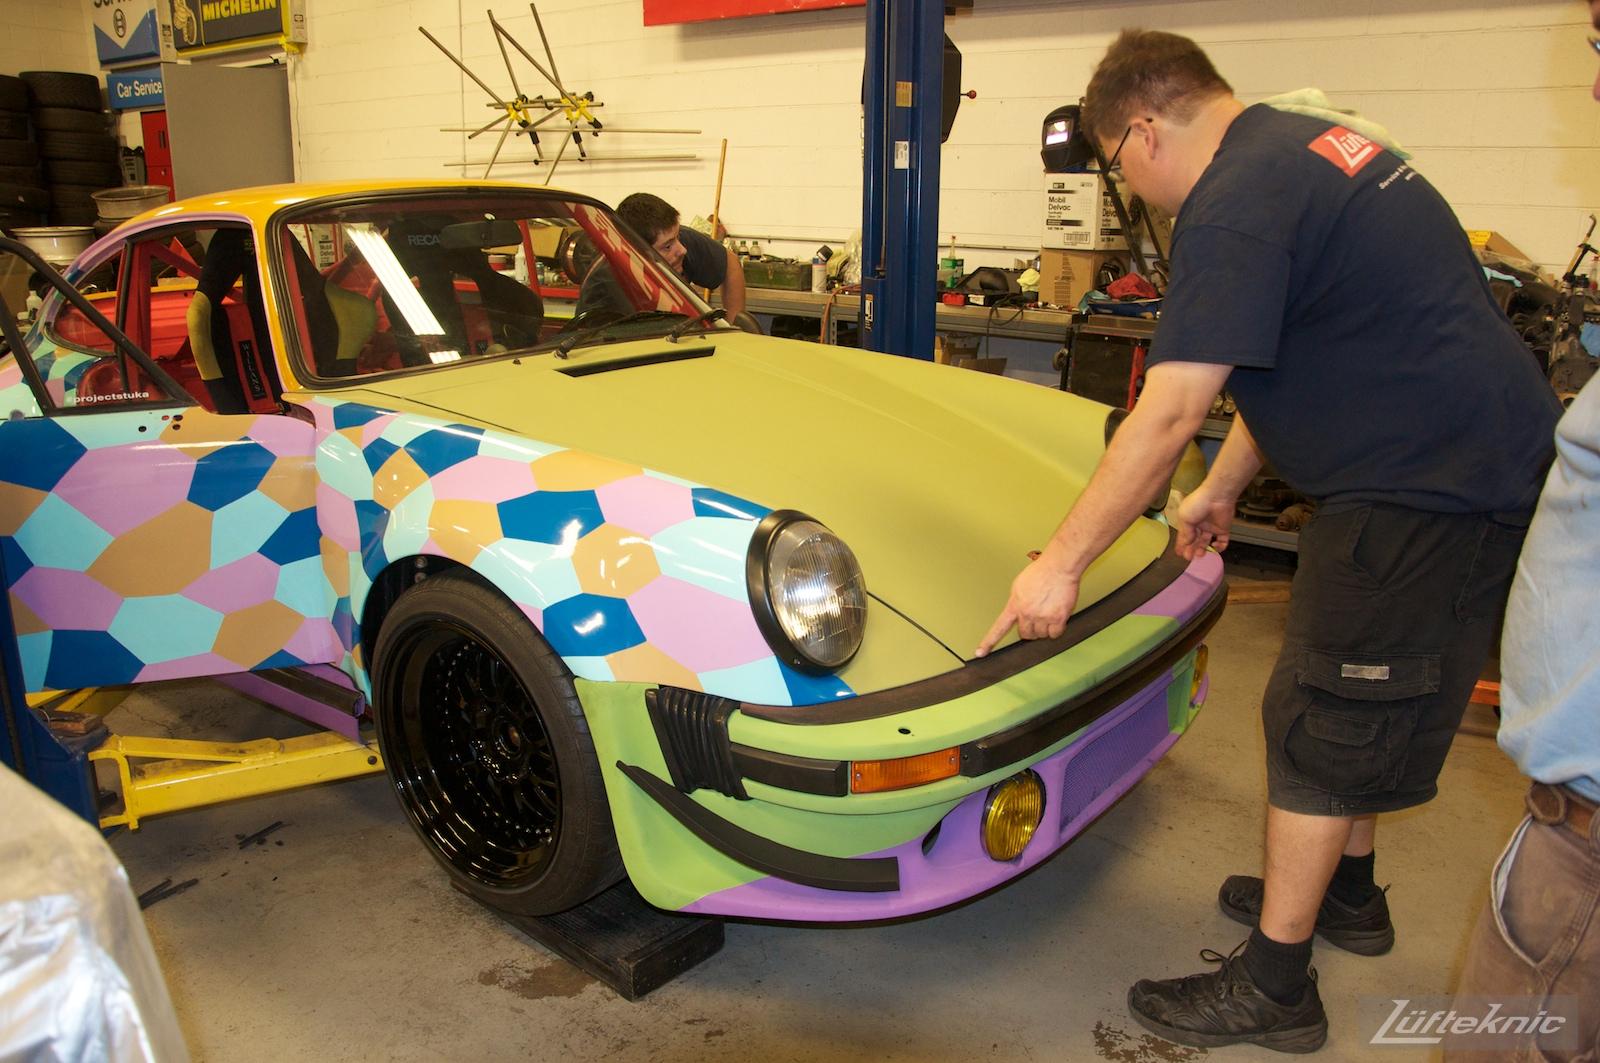 Test fitting the hood on the Lüfteknic #projectstuka Porsche 930 Turbo